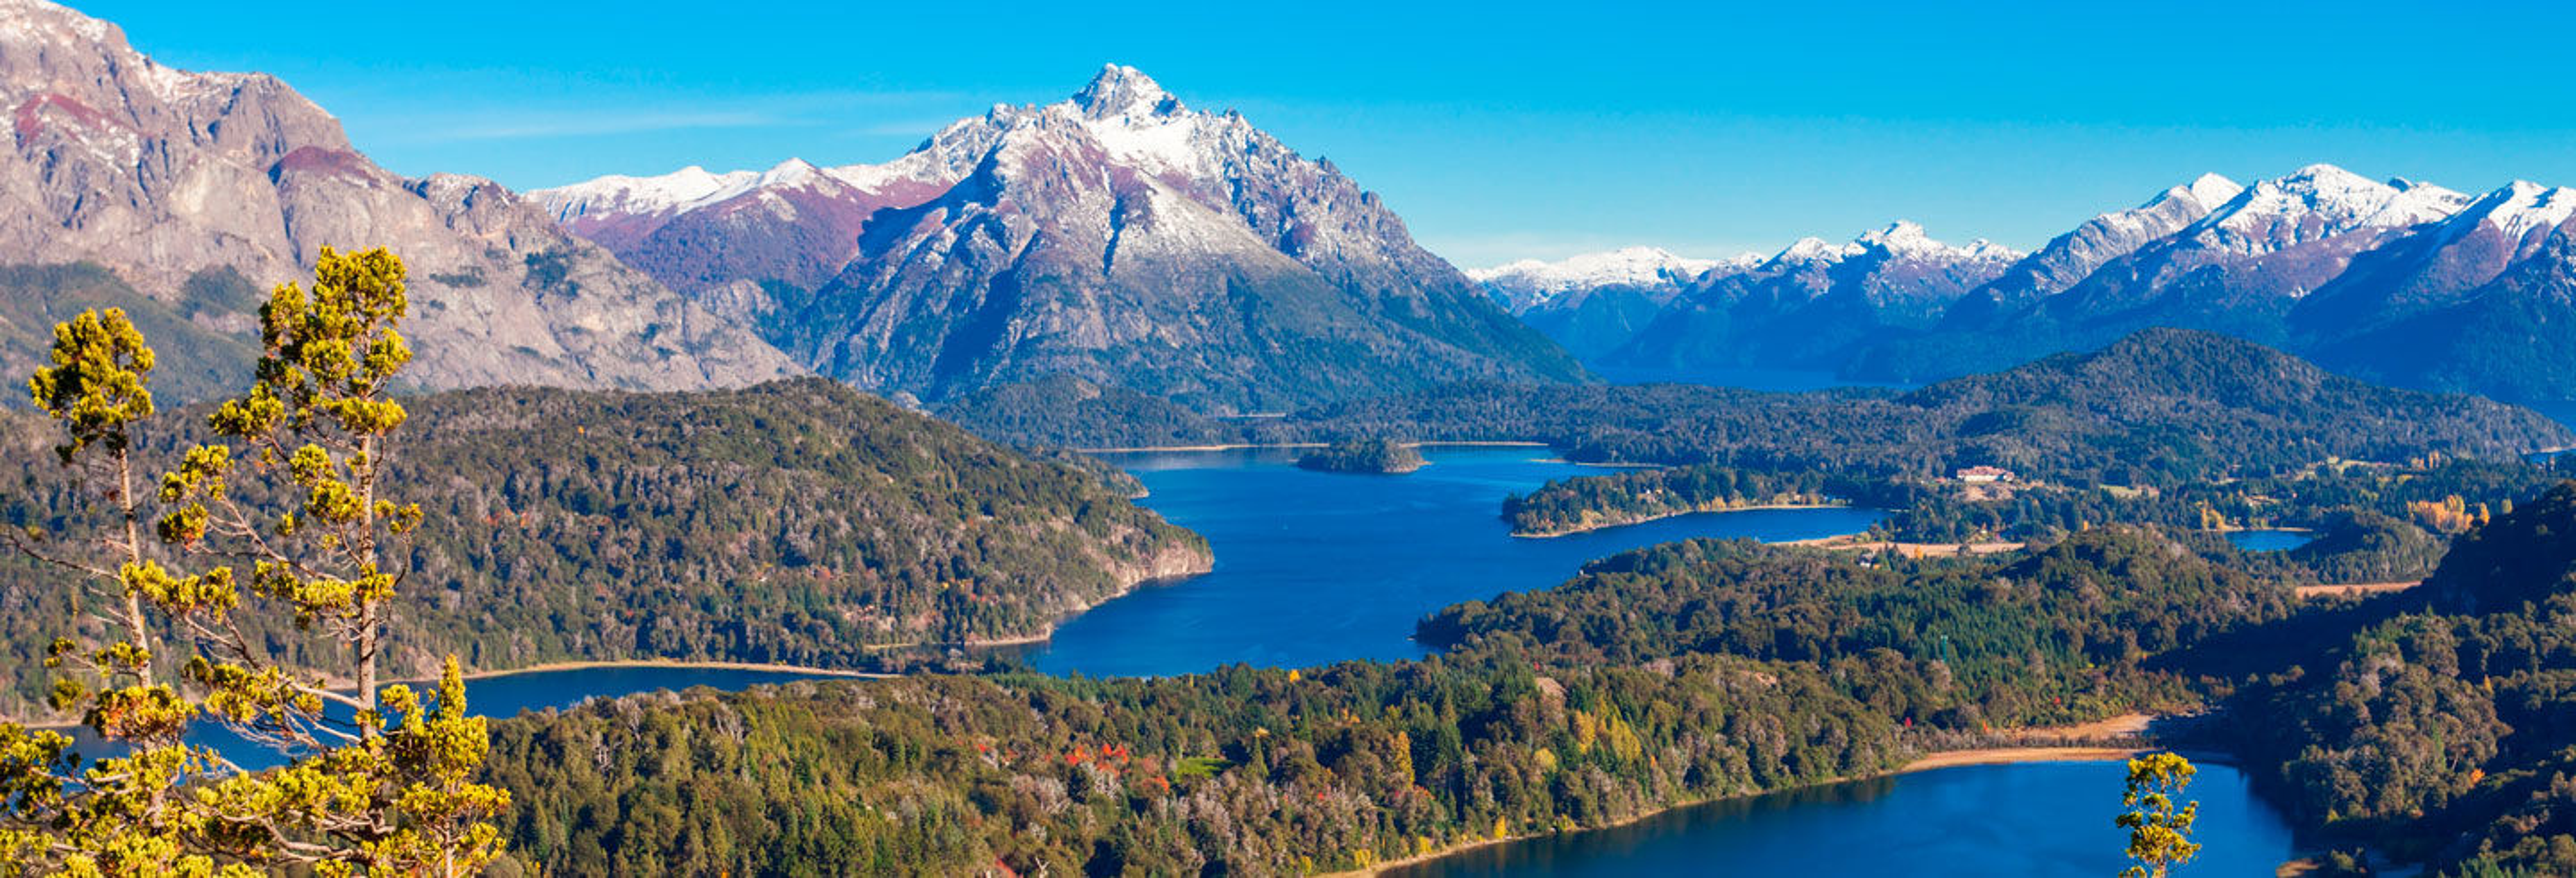 Tour panorâmico por Bariloche